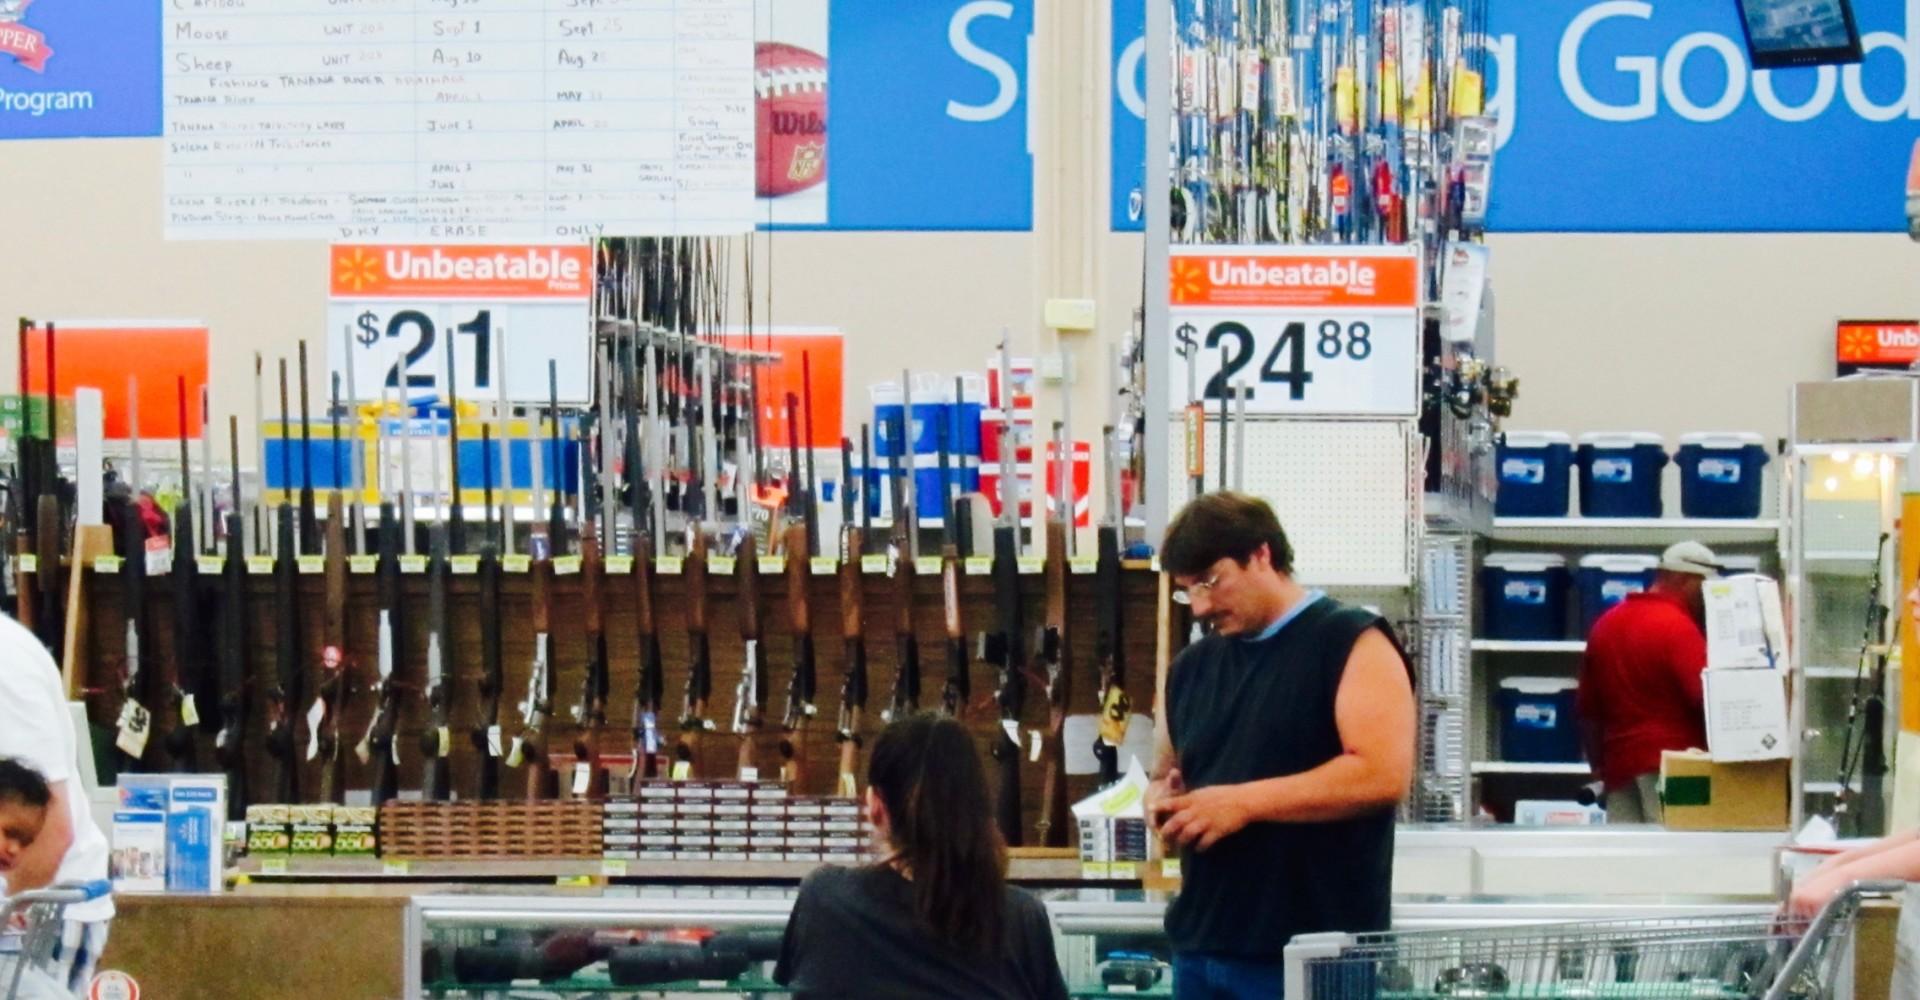 Walmart rifles - Walmart eleva a 21 la edad mínima para comprar armas en sus tiendas